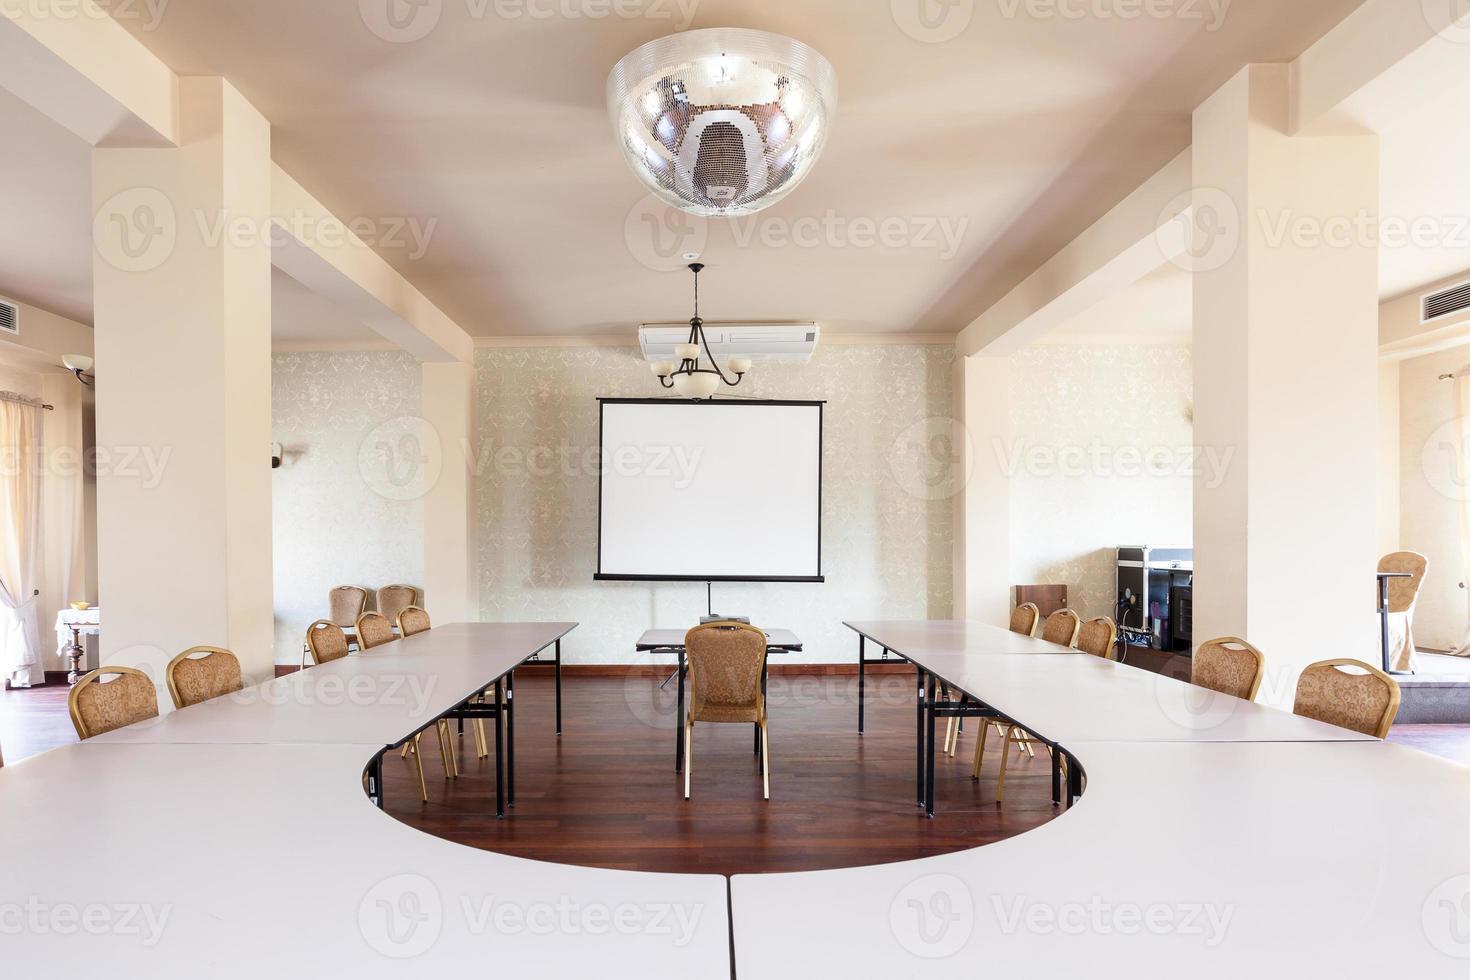 sala con mesa de conferencias foto